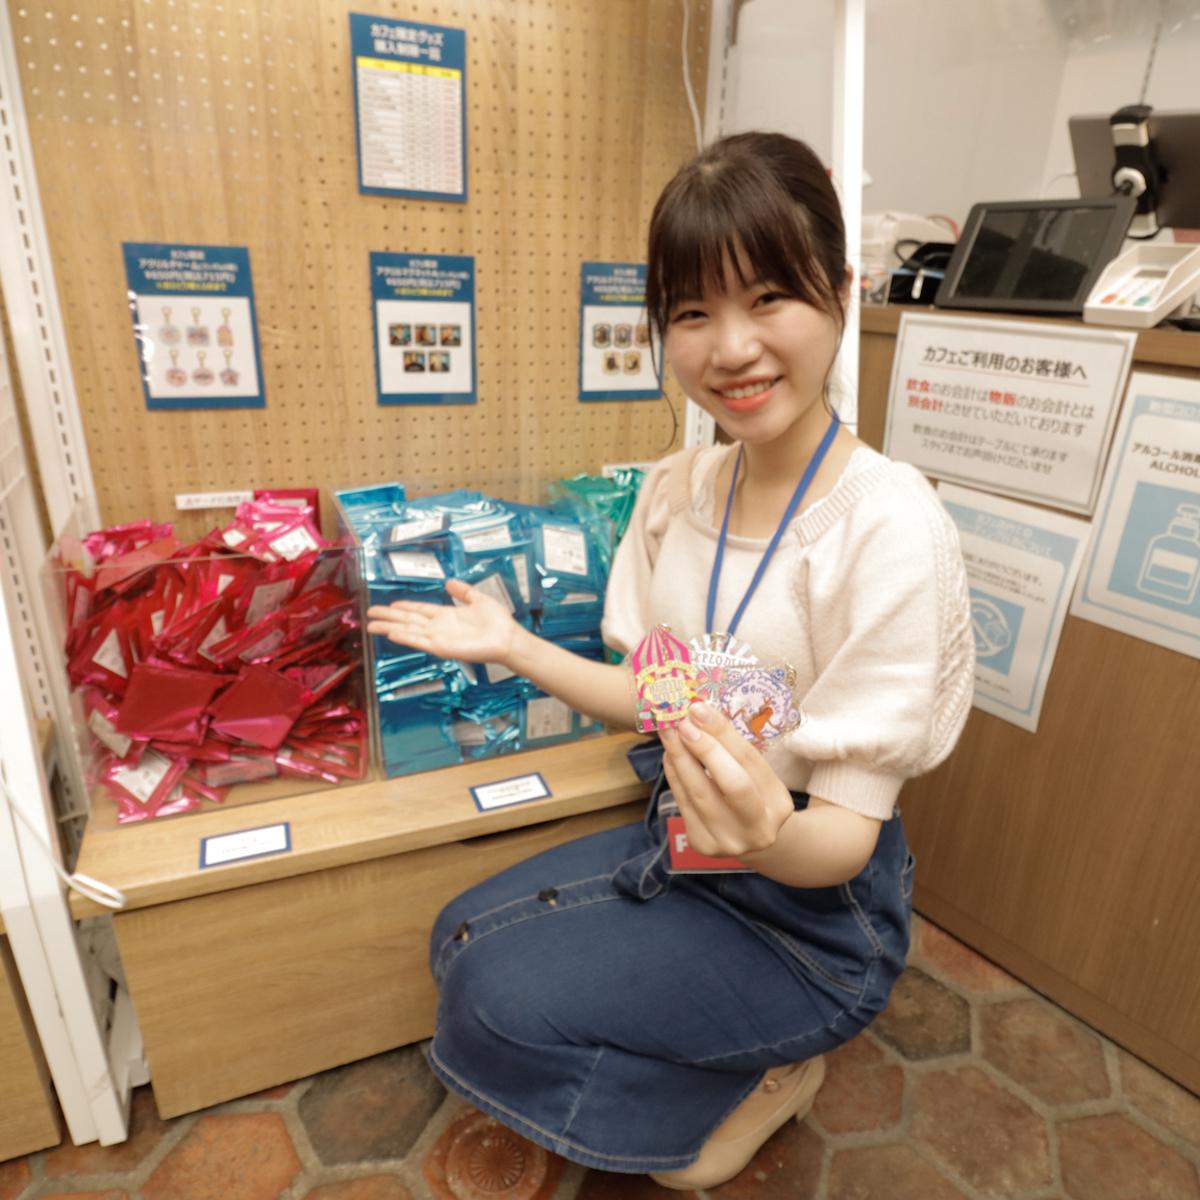 鈴木真央(ACTRESS PRESS REPORTER)in ハリー・ポッター カフェ